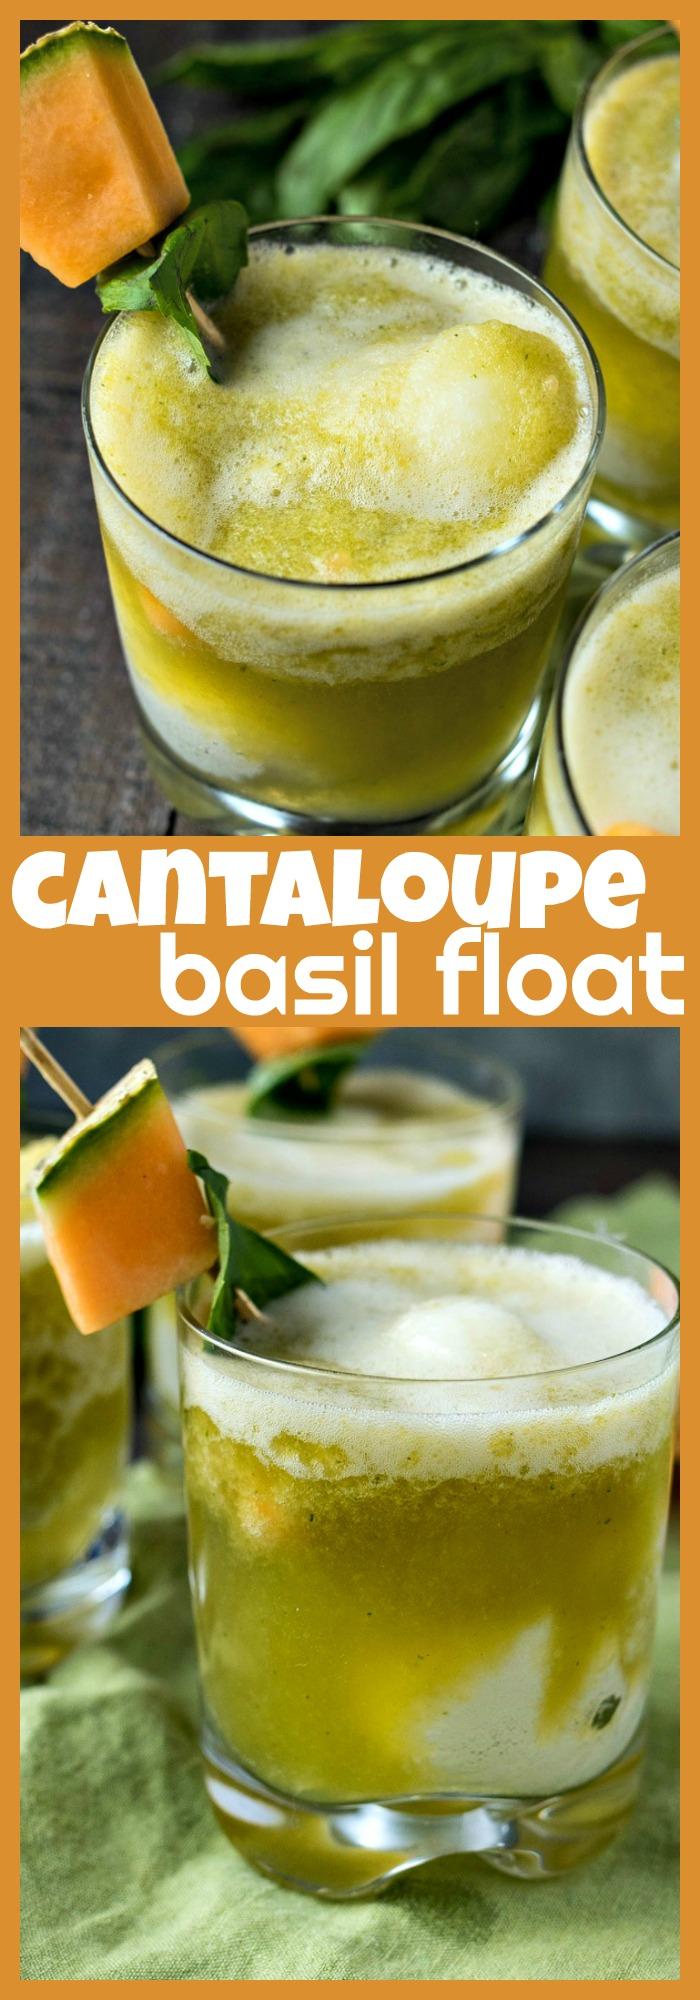 Cantaloupe Basil Float photo collage